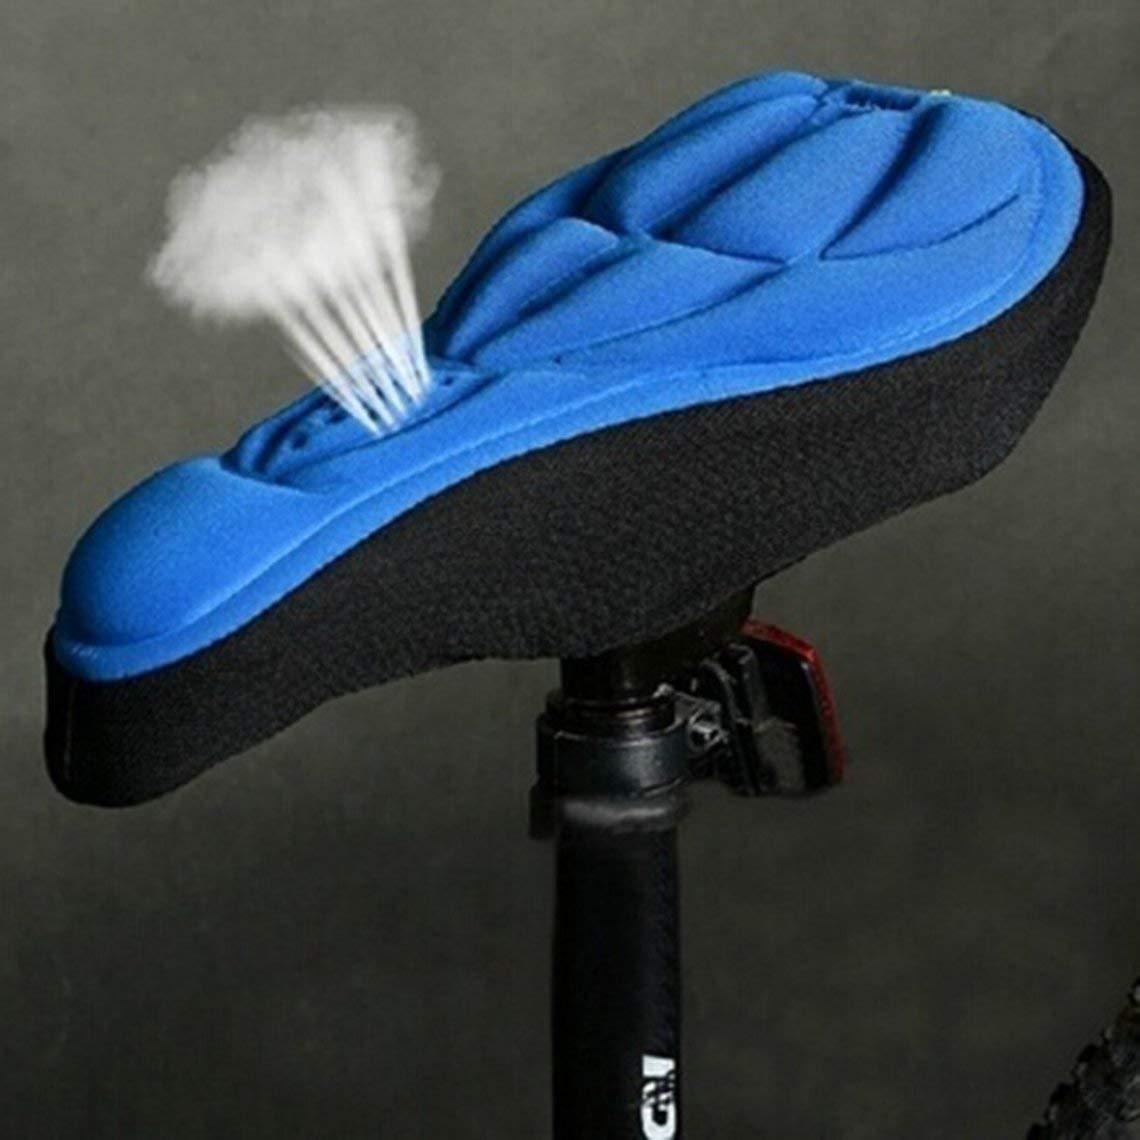 Zinniaya Suave 3D Acolchado Ciclismo Bicicleta MTB Sill/ín de Bicicleta Funda de Asiento Coj/ín Esponja Espuma Sillines c/ómodos Colchoneta Coj/ín Colchoneta Exterior